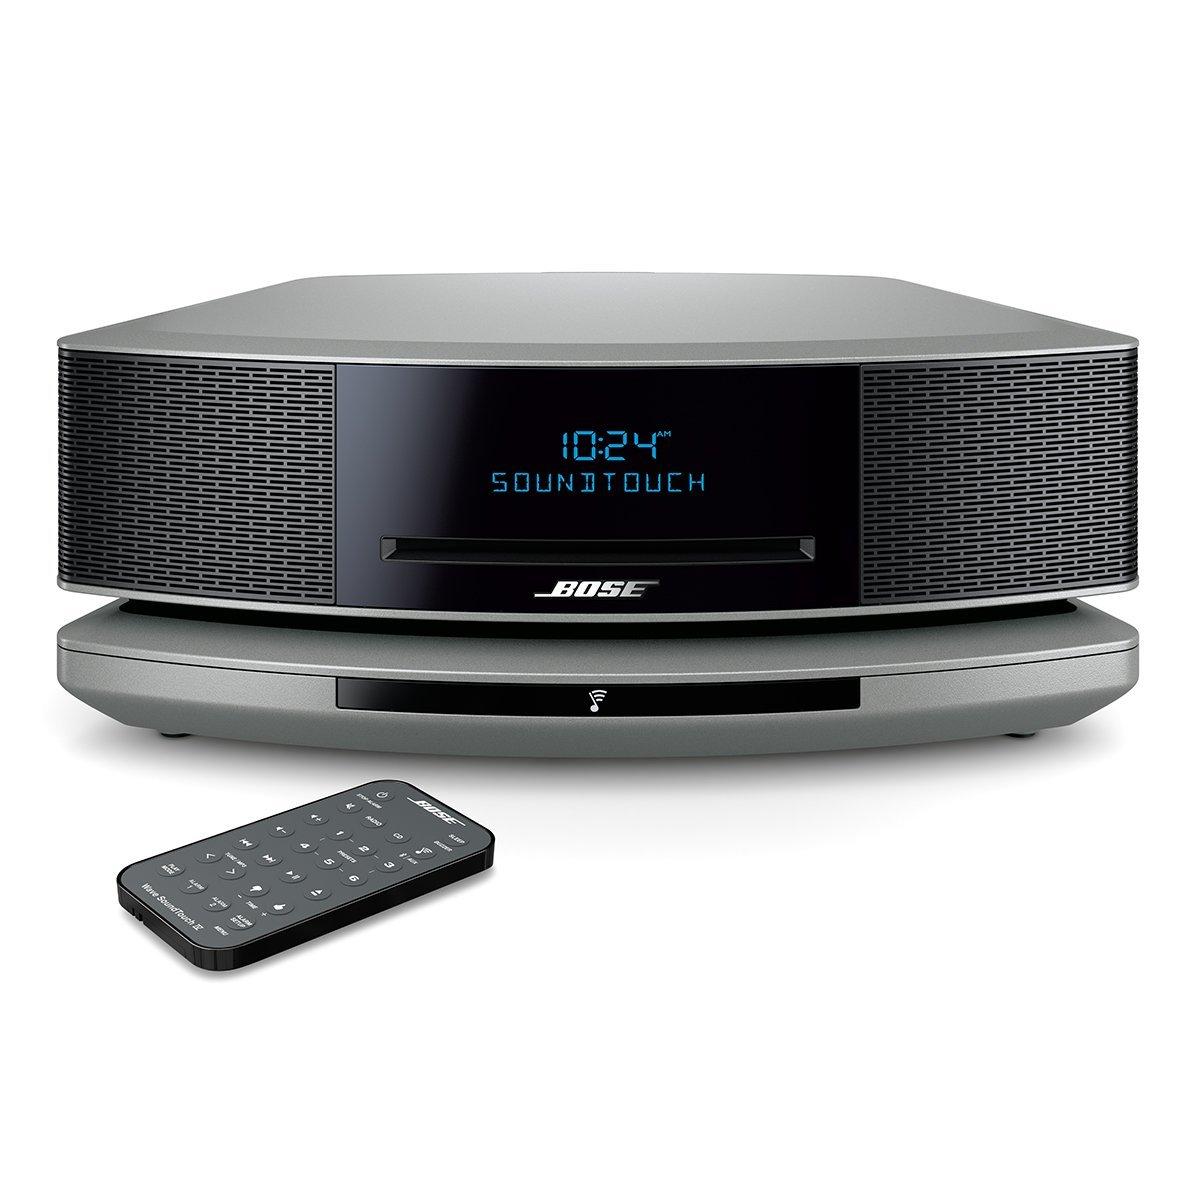 BOSE Bose Wave SoundTouch IV hệ thống âm nhạc / trình / dàn âm thanh WIFI/ Bluetooth /CD Player (bạ